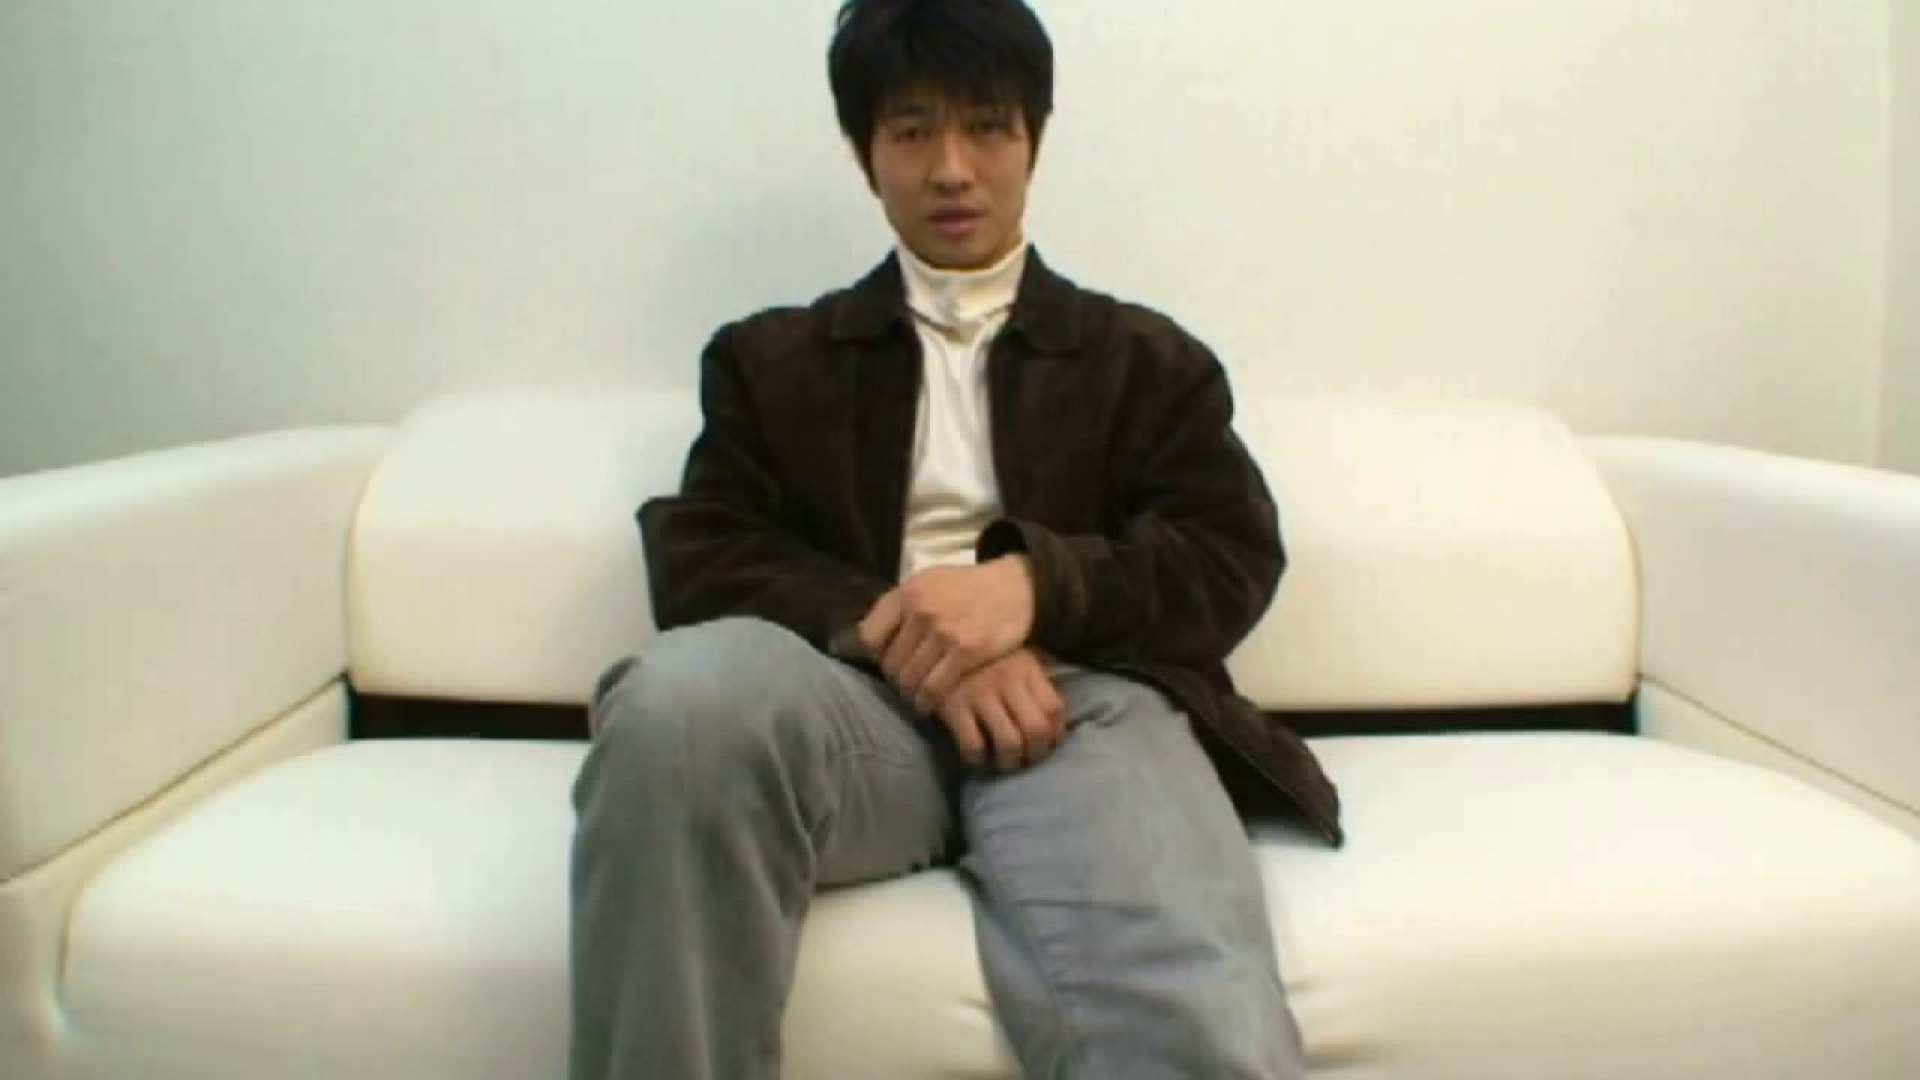 ノンケ!自慰スタジオ No.15 マッチョ男子 | 自慰動画 亀頭もろ画像 10連発 4